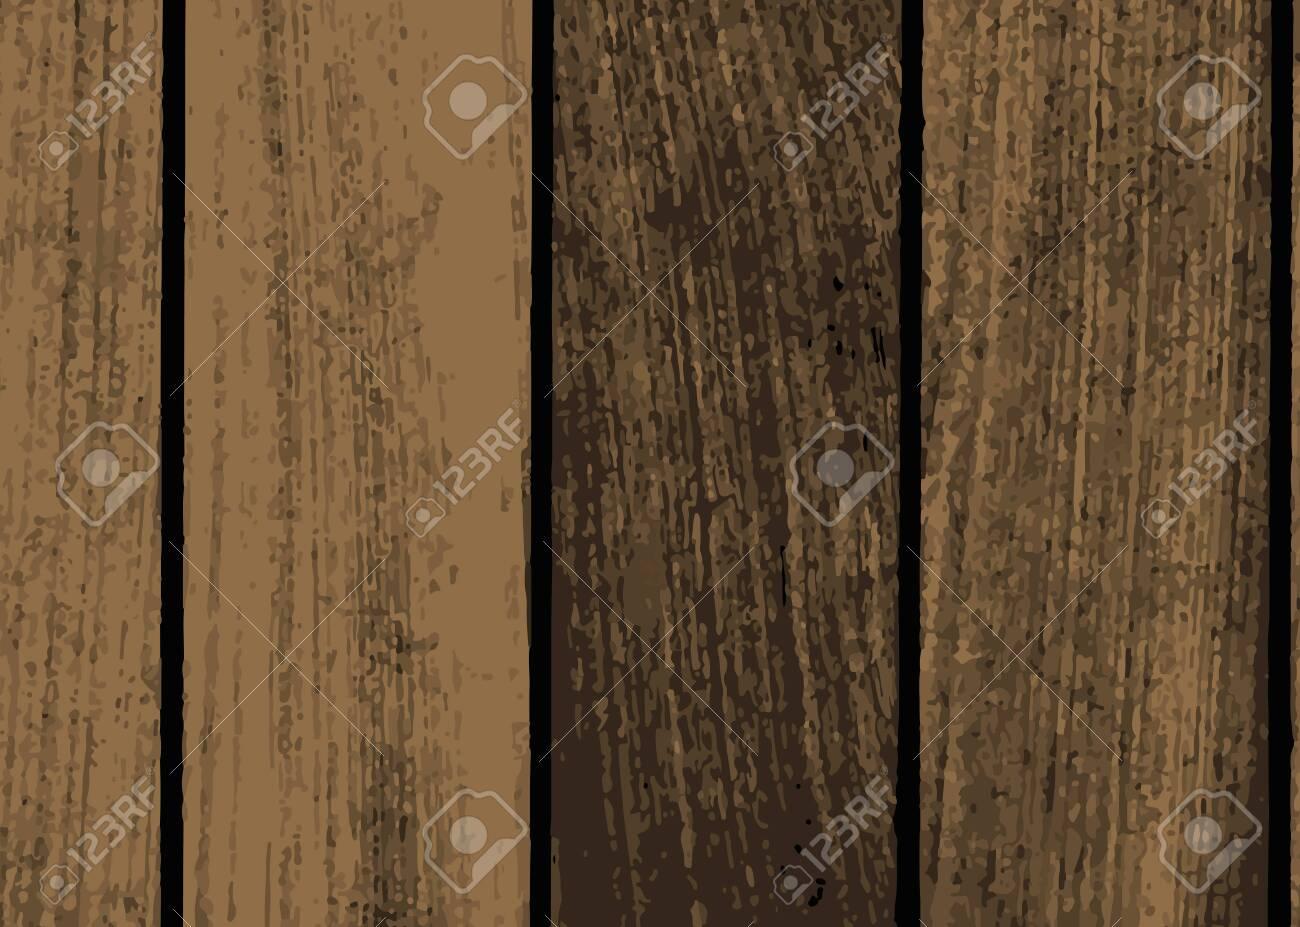 Rustic dark brown wooden textured background vector - 124219967